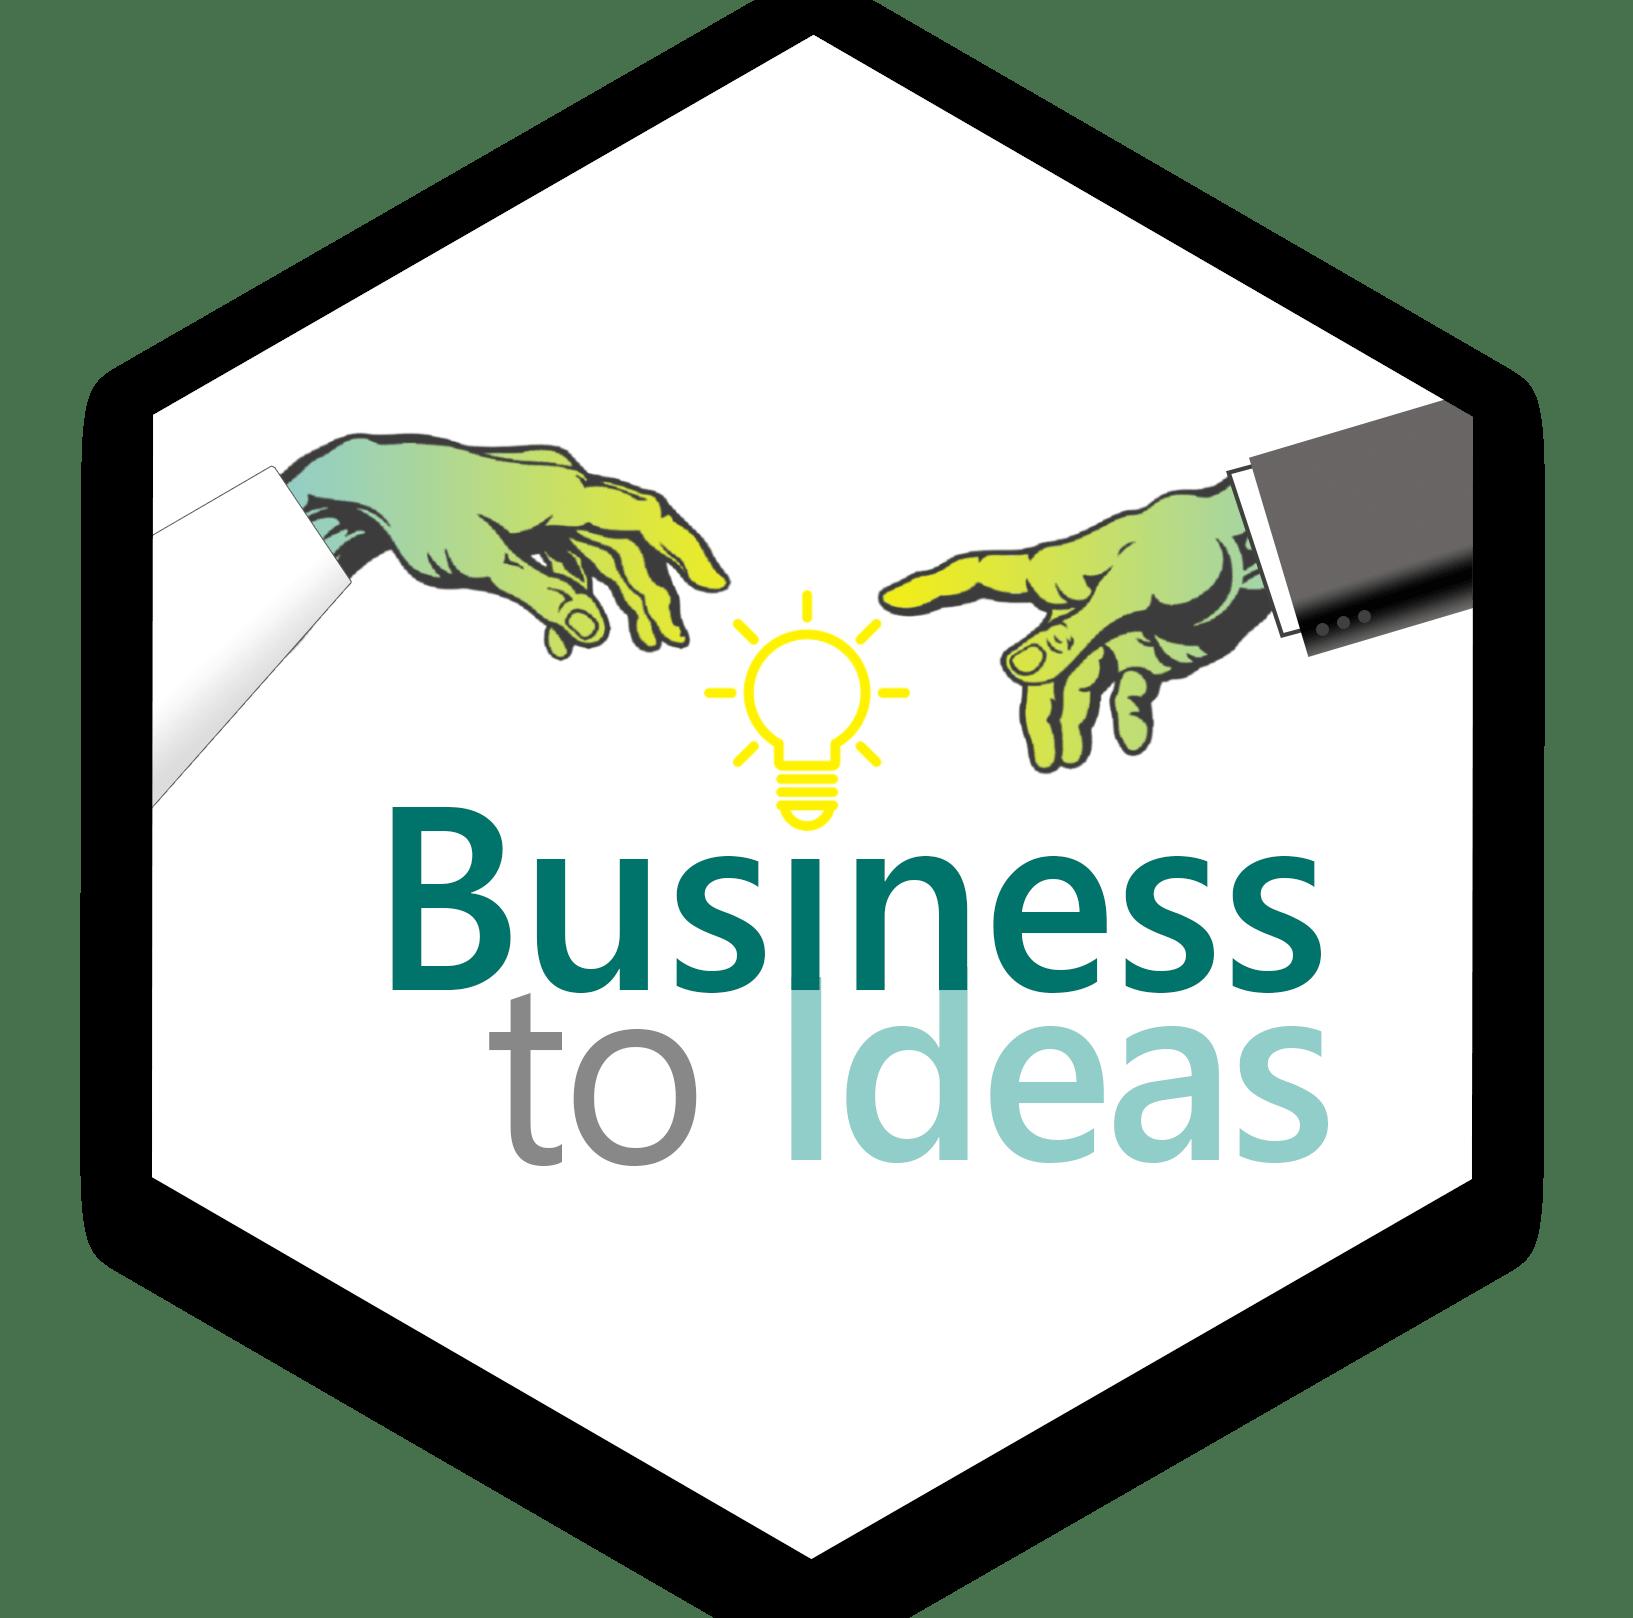 Business to Ideas Challenges étudiants et professionnels pour des opportunités, expérience et récompenses